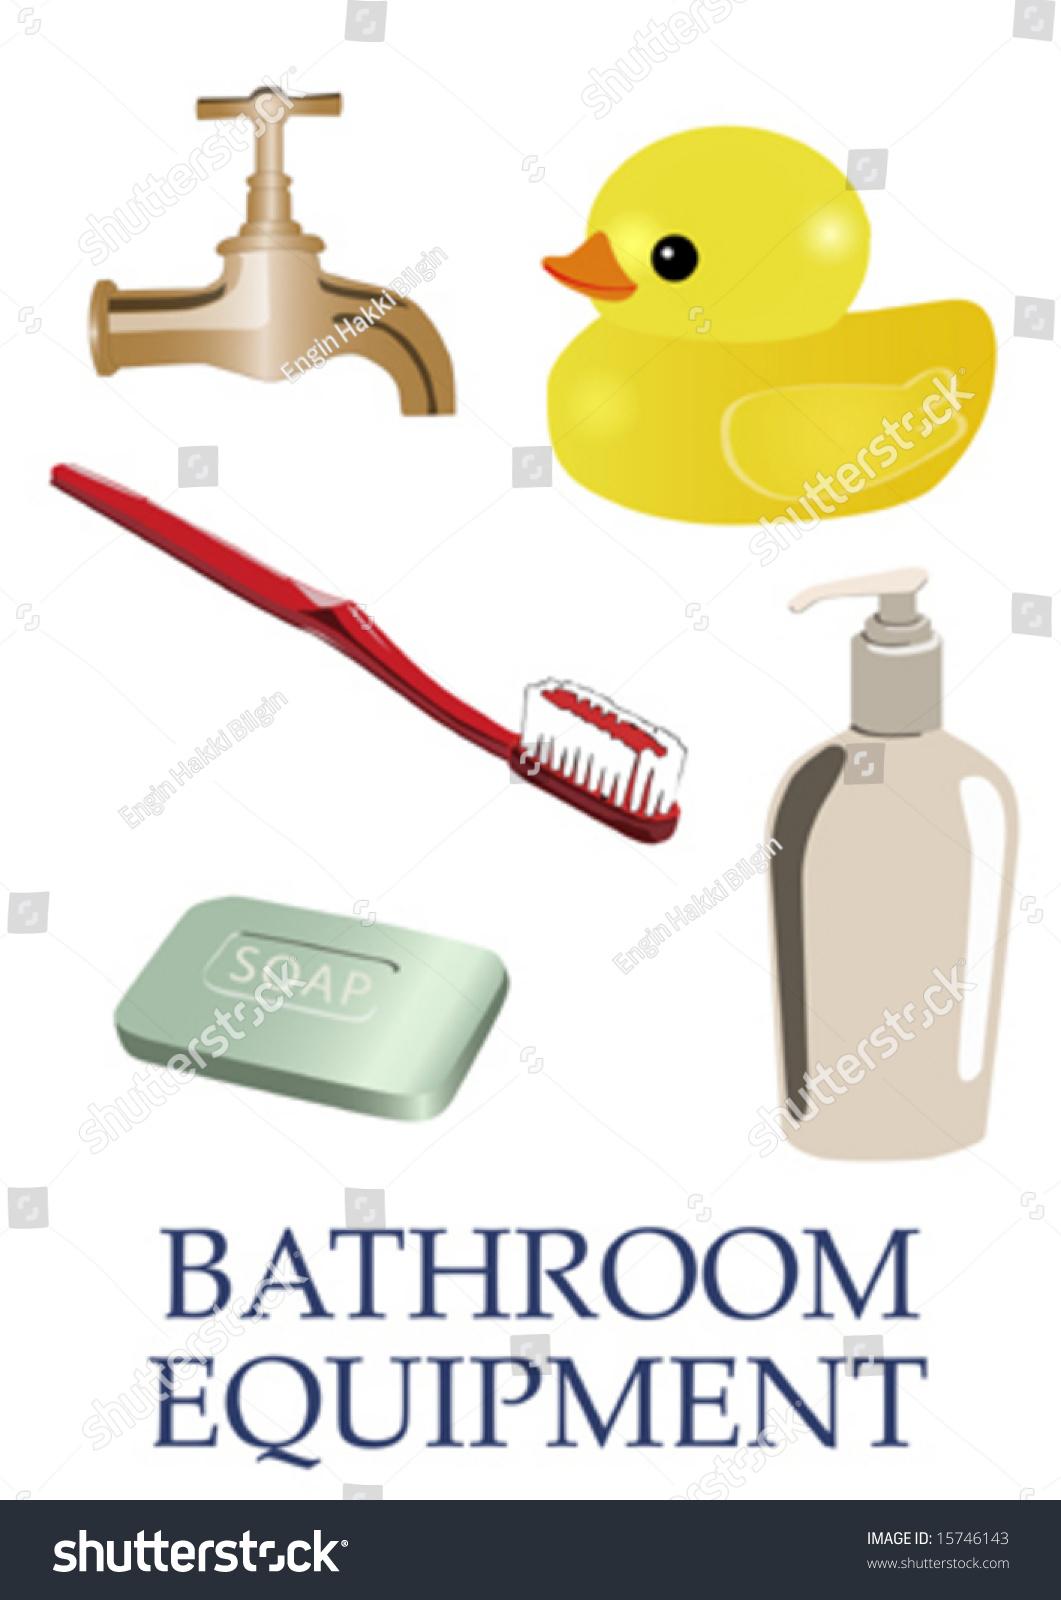 vector bathroom equipment